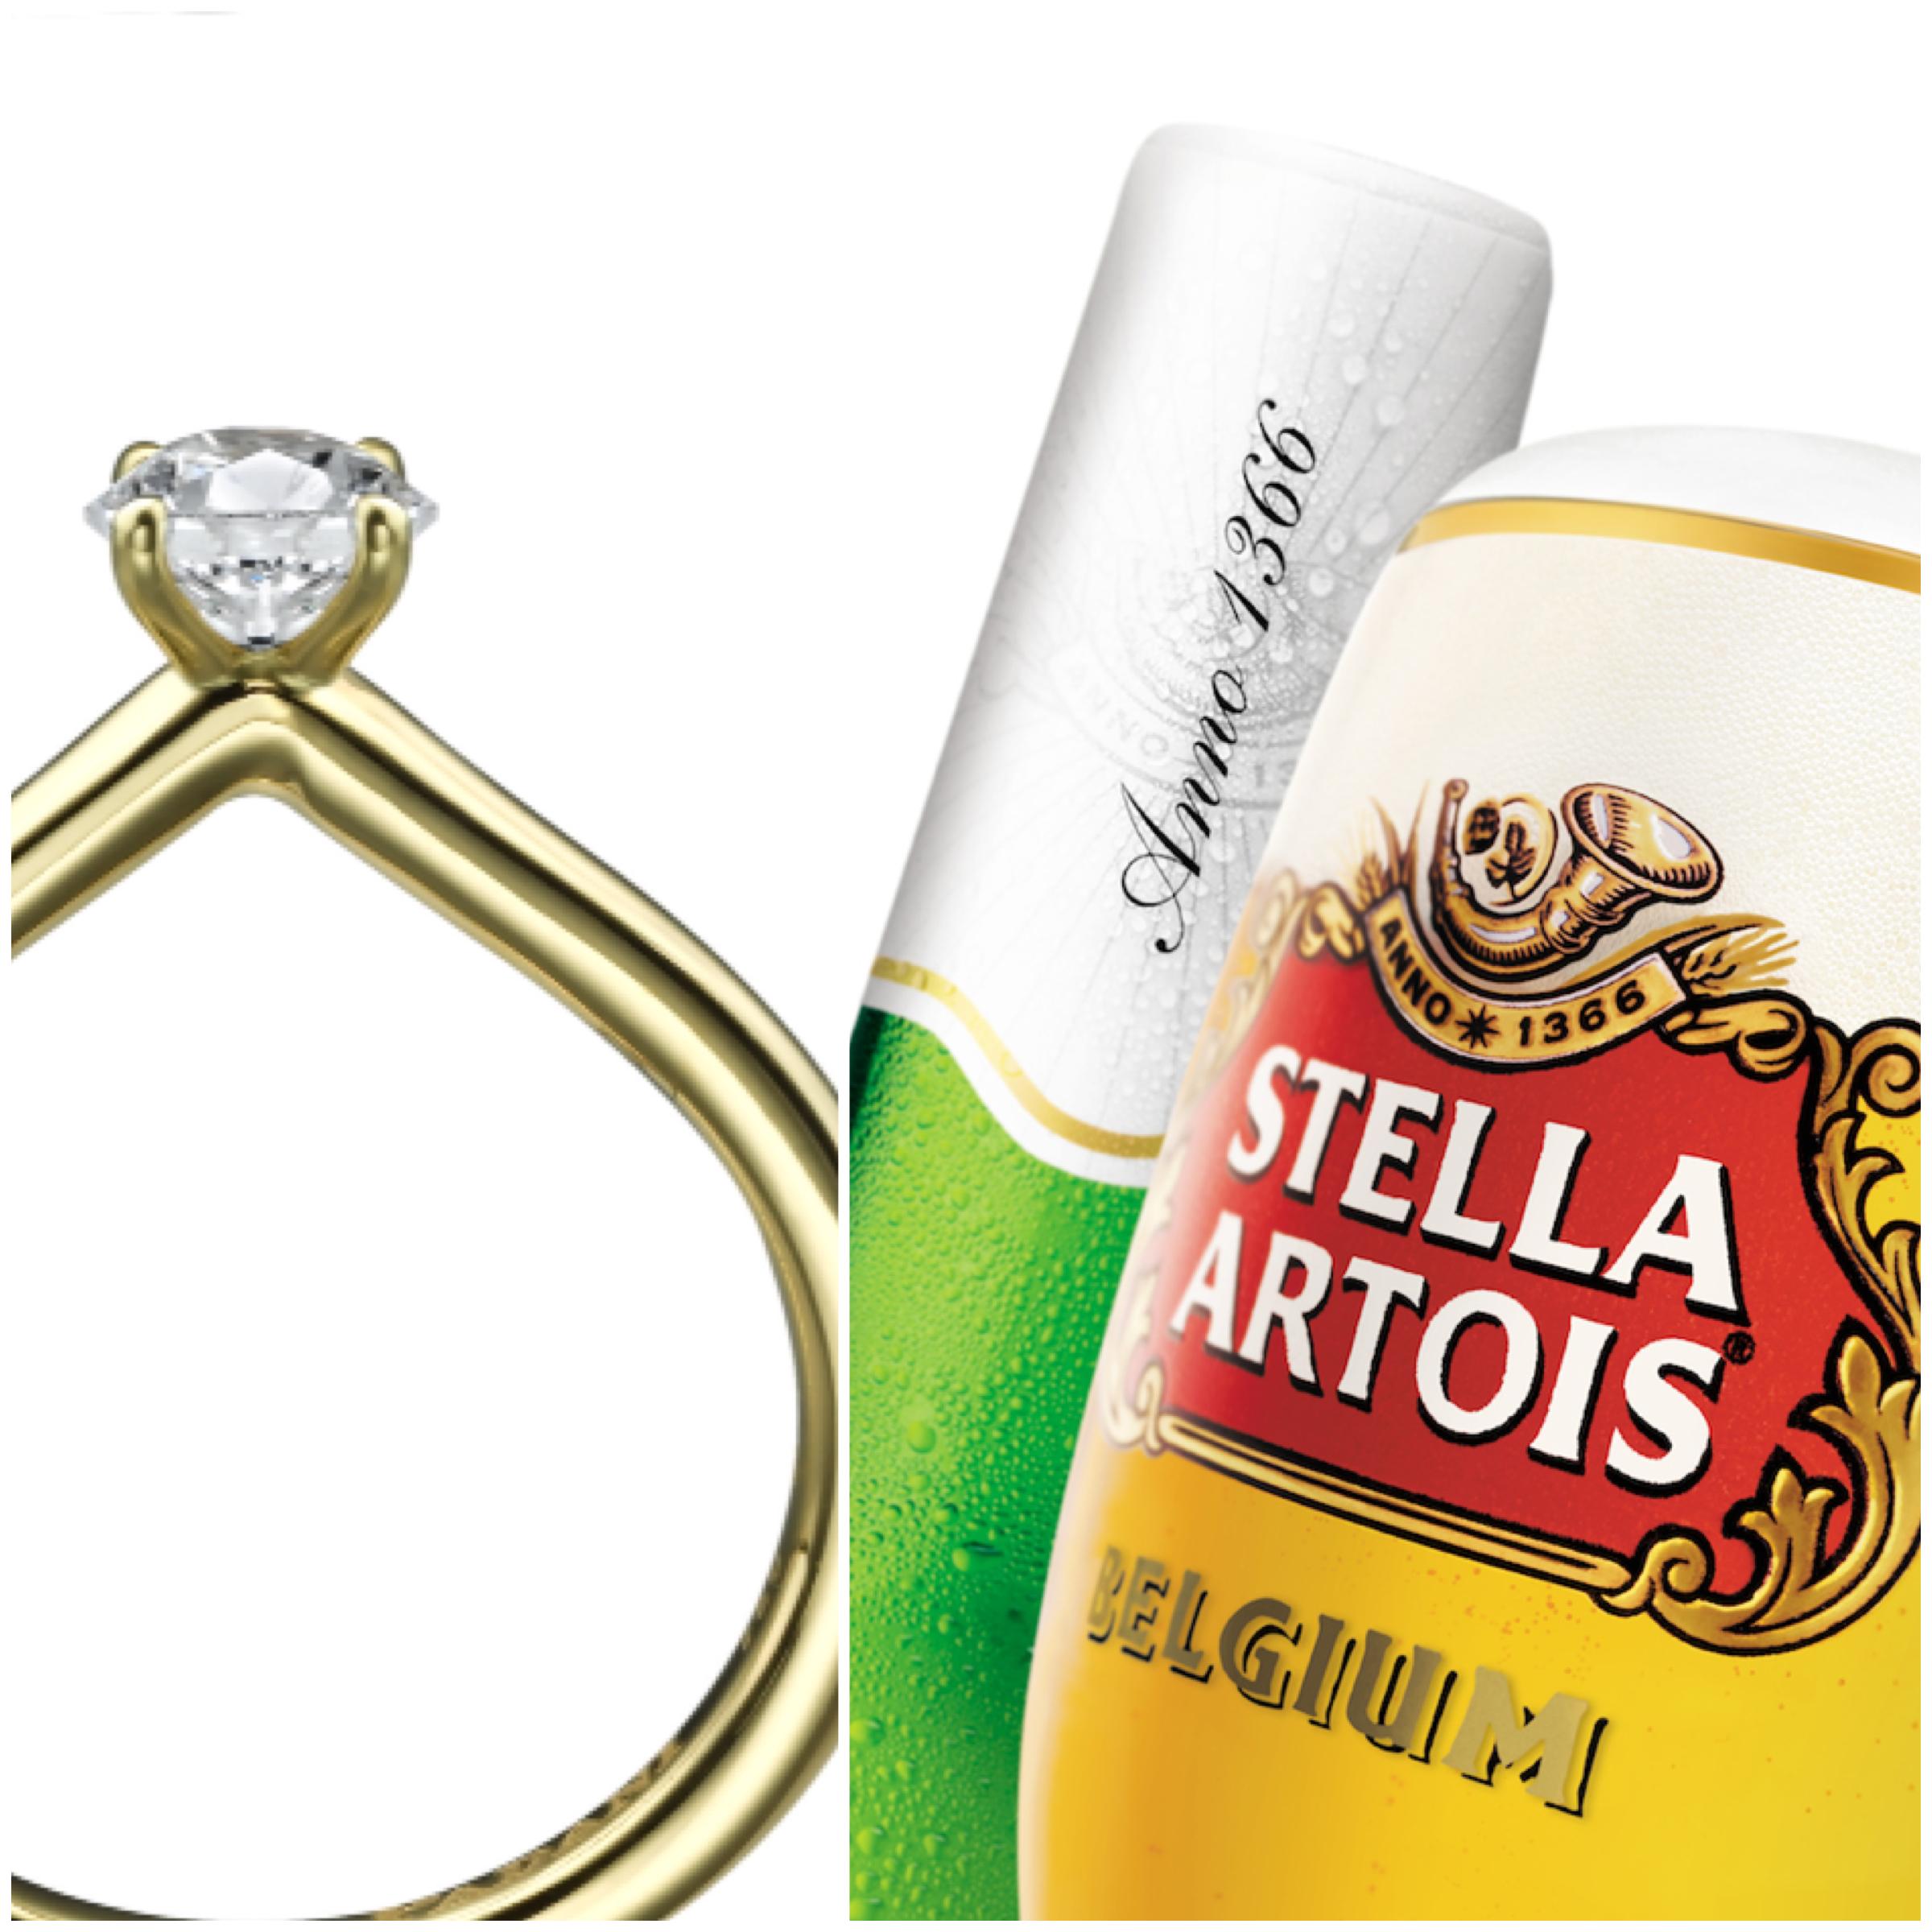 Красота во всех ее проявлениях: вдохновение от Stella Artois